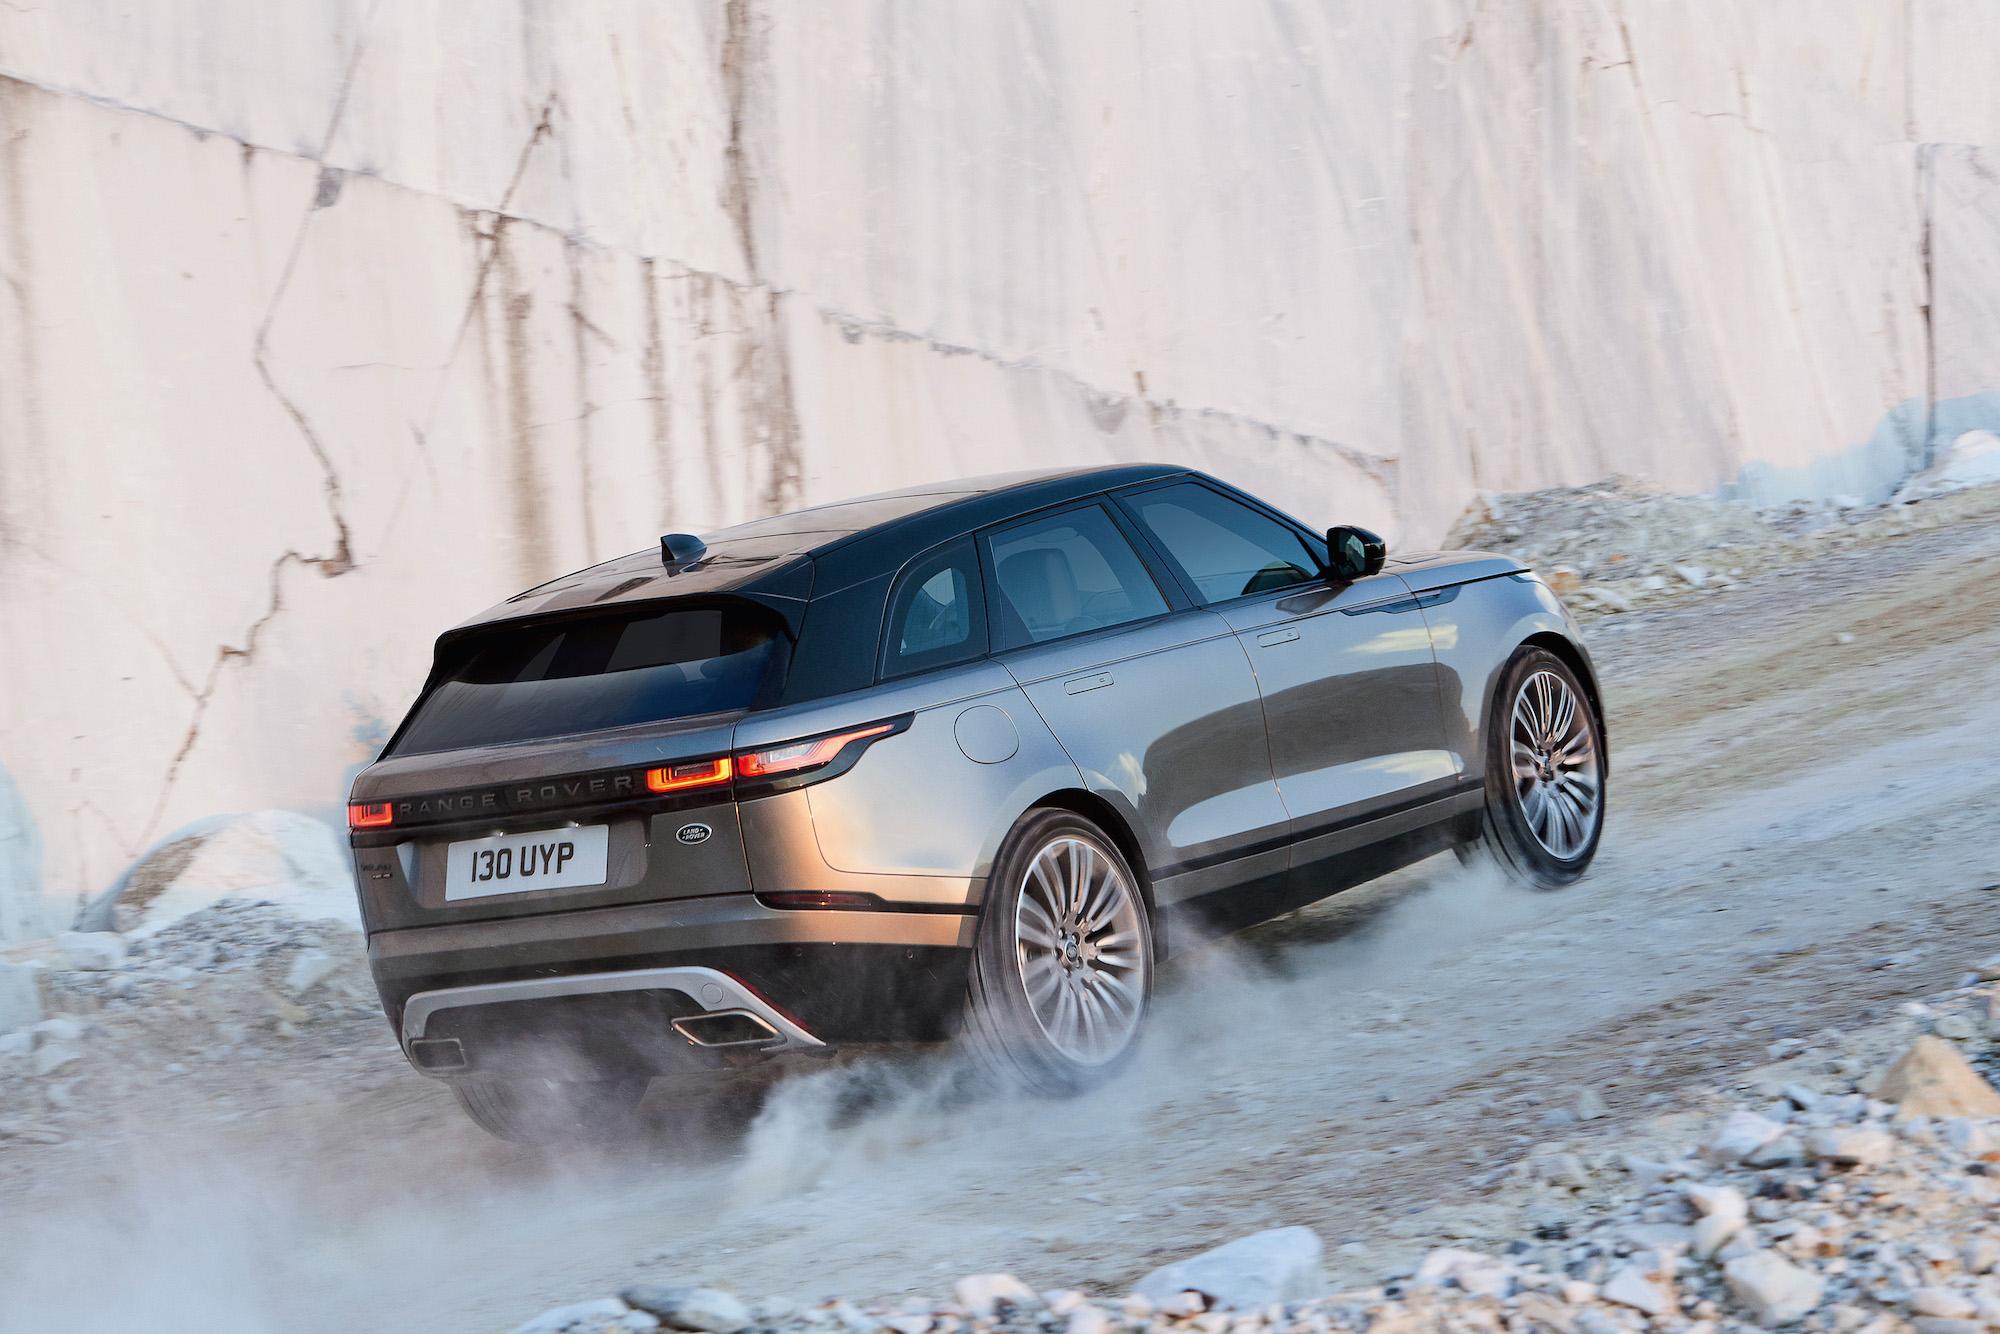 ltd rover from uk new land velar landrover car range export listings